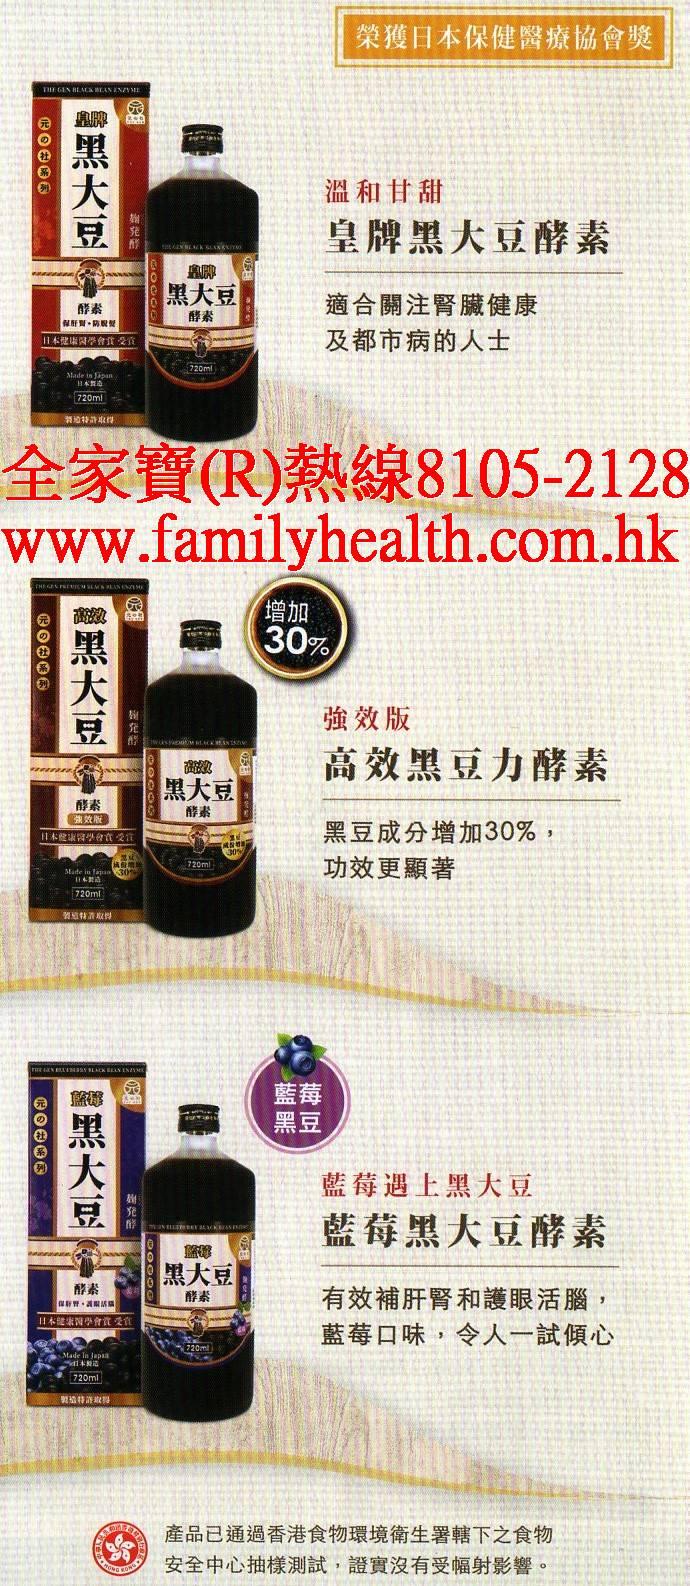 http://www.familyhealth.com.hk/files/full/1225_2.jpg